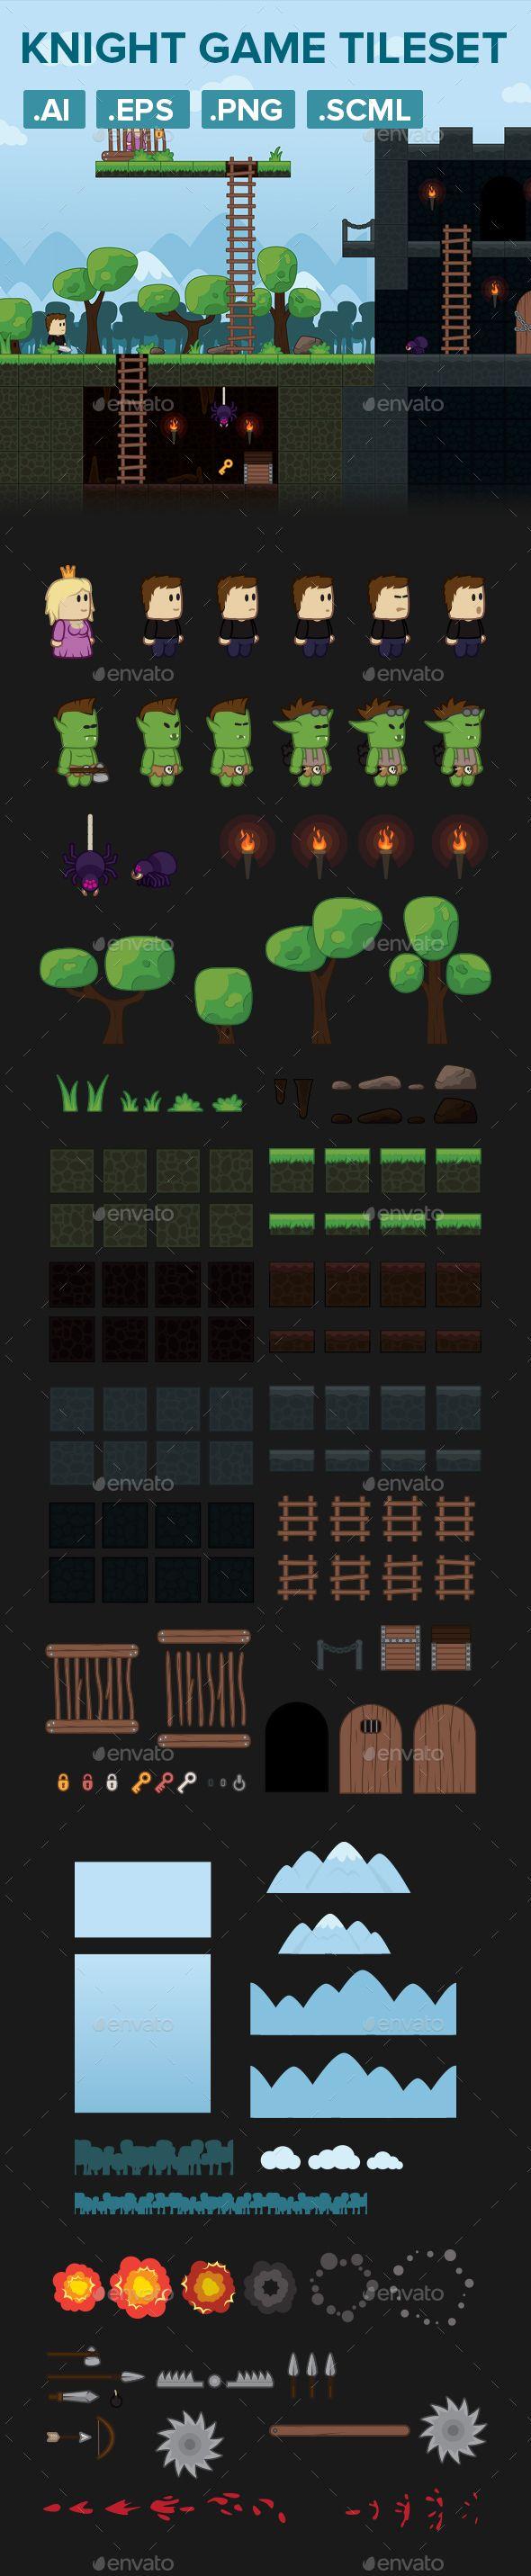 Warrior Platformer Game Tileset and Assets Download here: https://graphicriver.net/item/warrior-platformer-game-tileset-and-assets/19562342?ref=KlitVogli